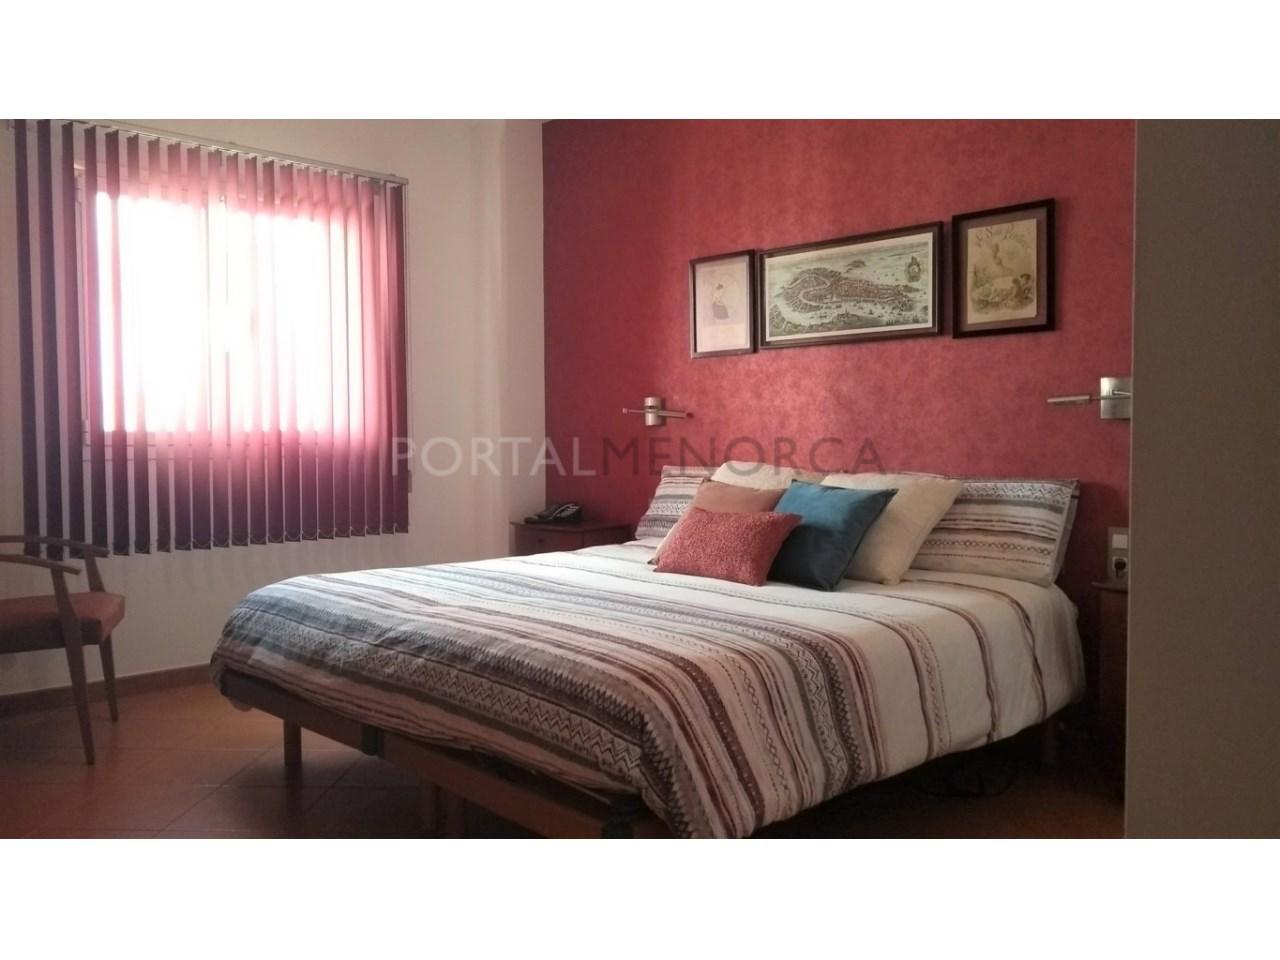 Amplia Casa con patio en venta en Ciutadella suite